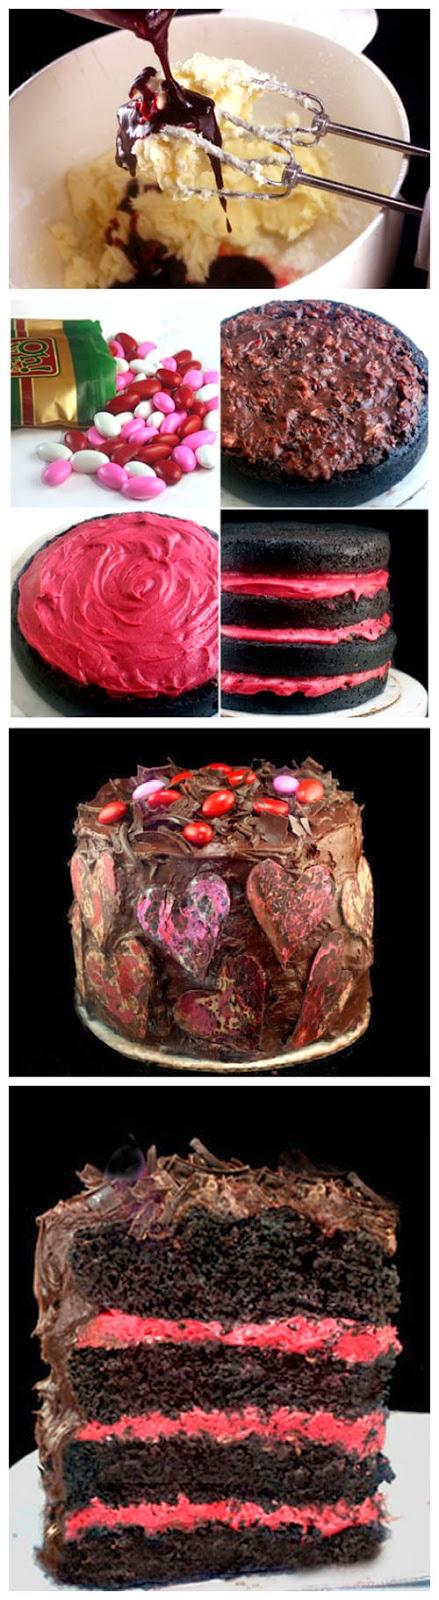 Jordan Sesame Cake Recipe